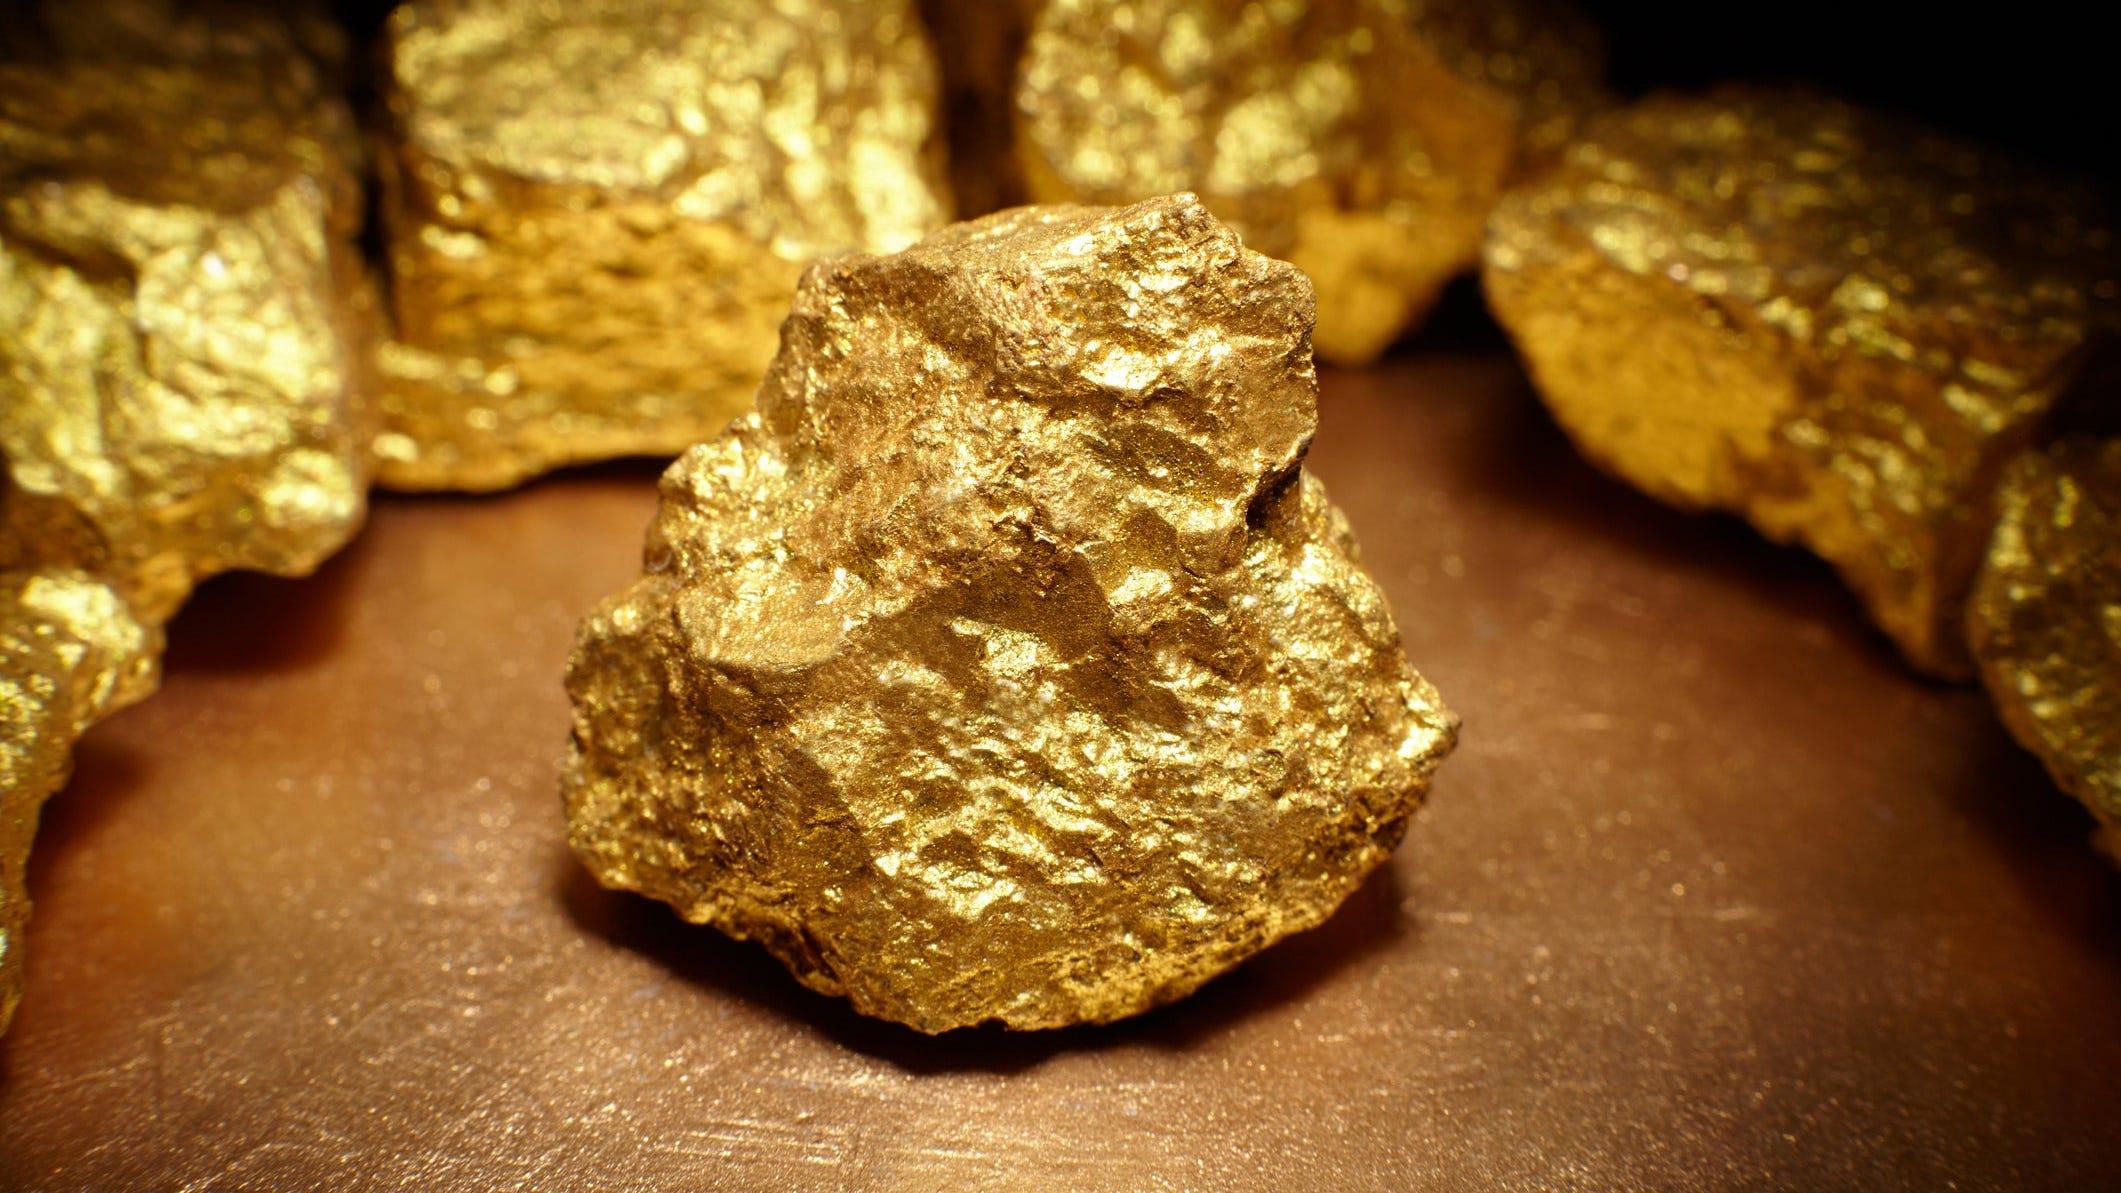 Giá vàng hôm nay 31/8: Phục hồi nhẹ sau khi giảm từ đỉnh gần 4 tuần